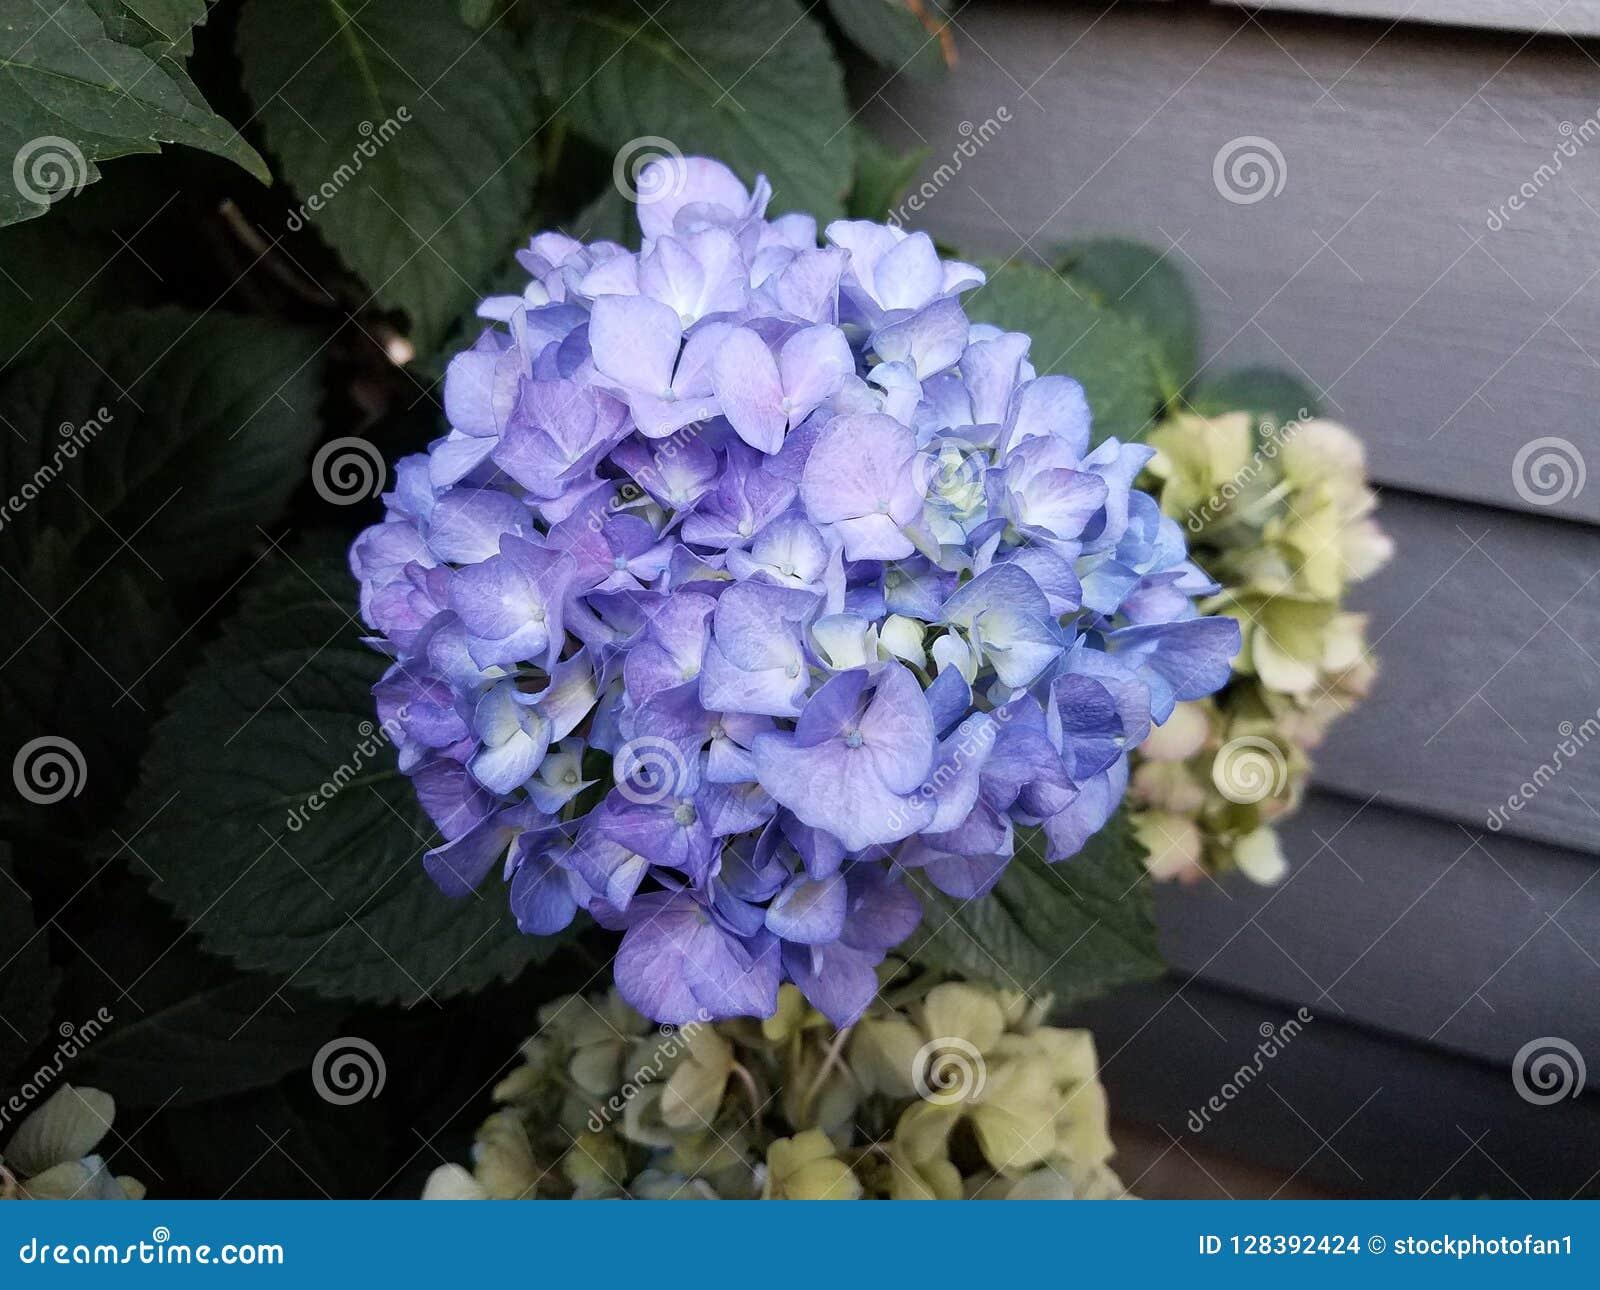 Fiori Blu E Bianchi.Pianta Dell Ortensia Con I Fiori Blu E Bianchi Fotografia Stock